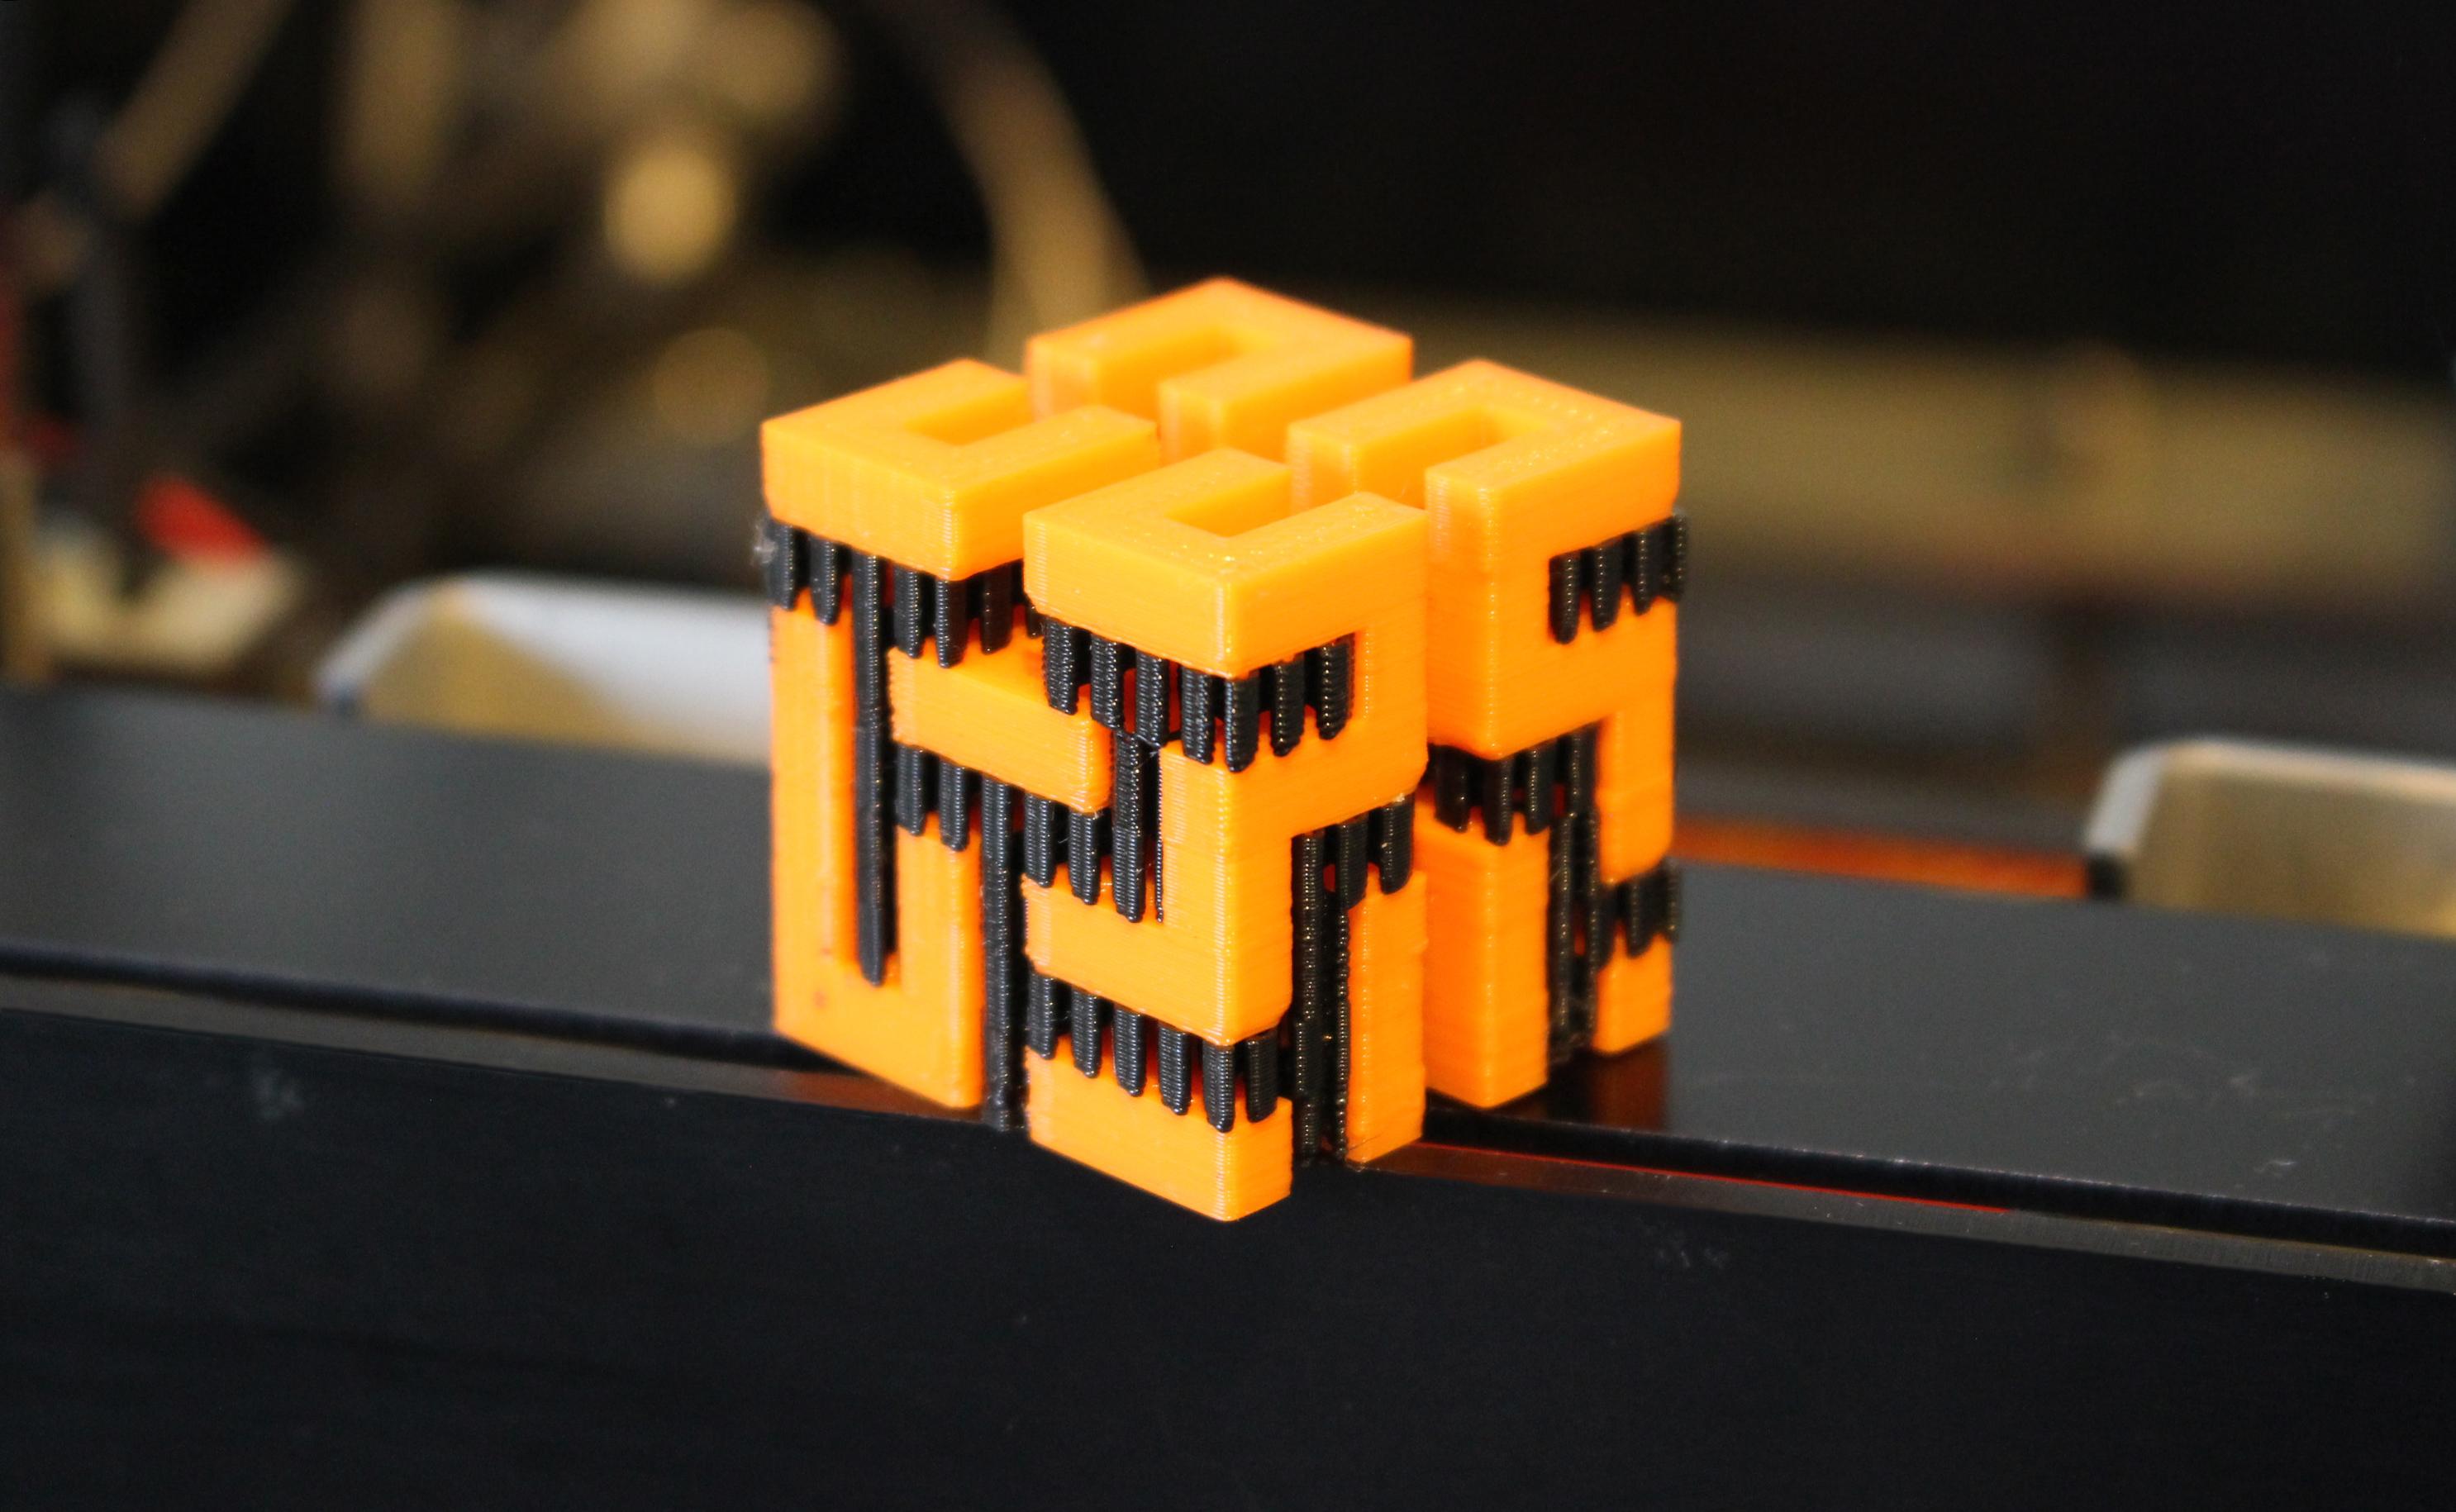 Lepton2 デュアル 3Dプリンター 新ツールスイッチシステム搭載 - 画像3